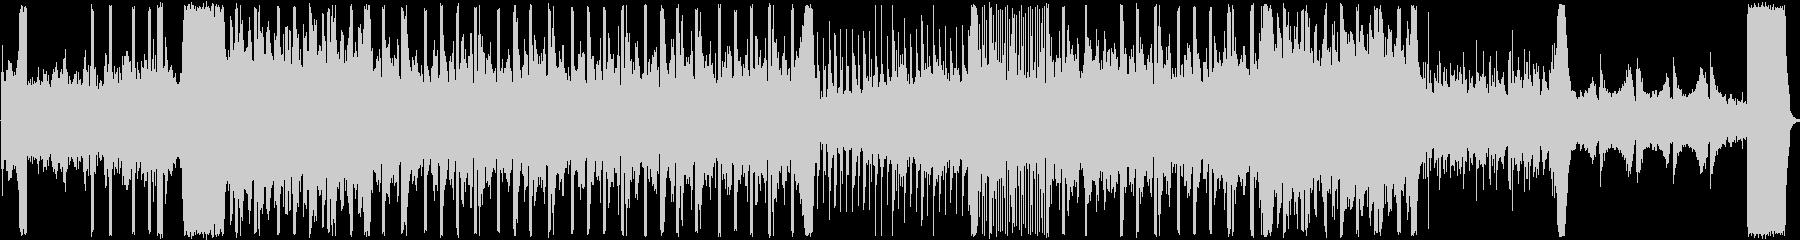 ノイズを使った緊張感のあるホラーな曲の未再生の波形